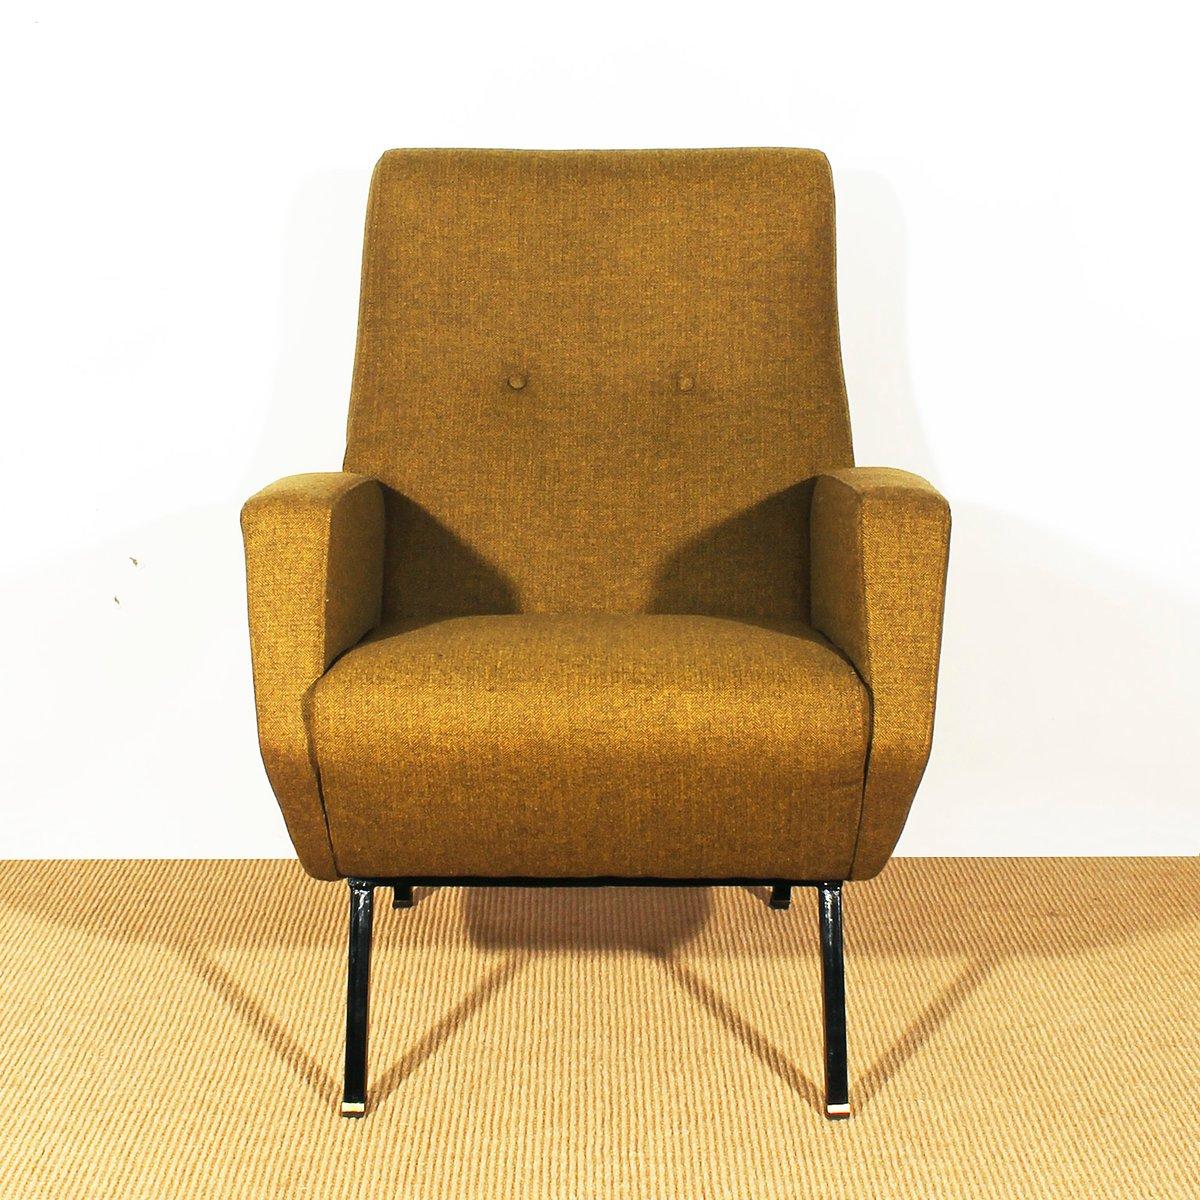 Italienische senffarbene sessel 1960er 2er set bei for Italienische sessel design